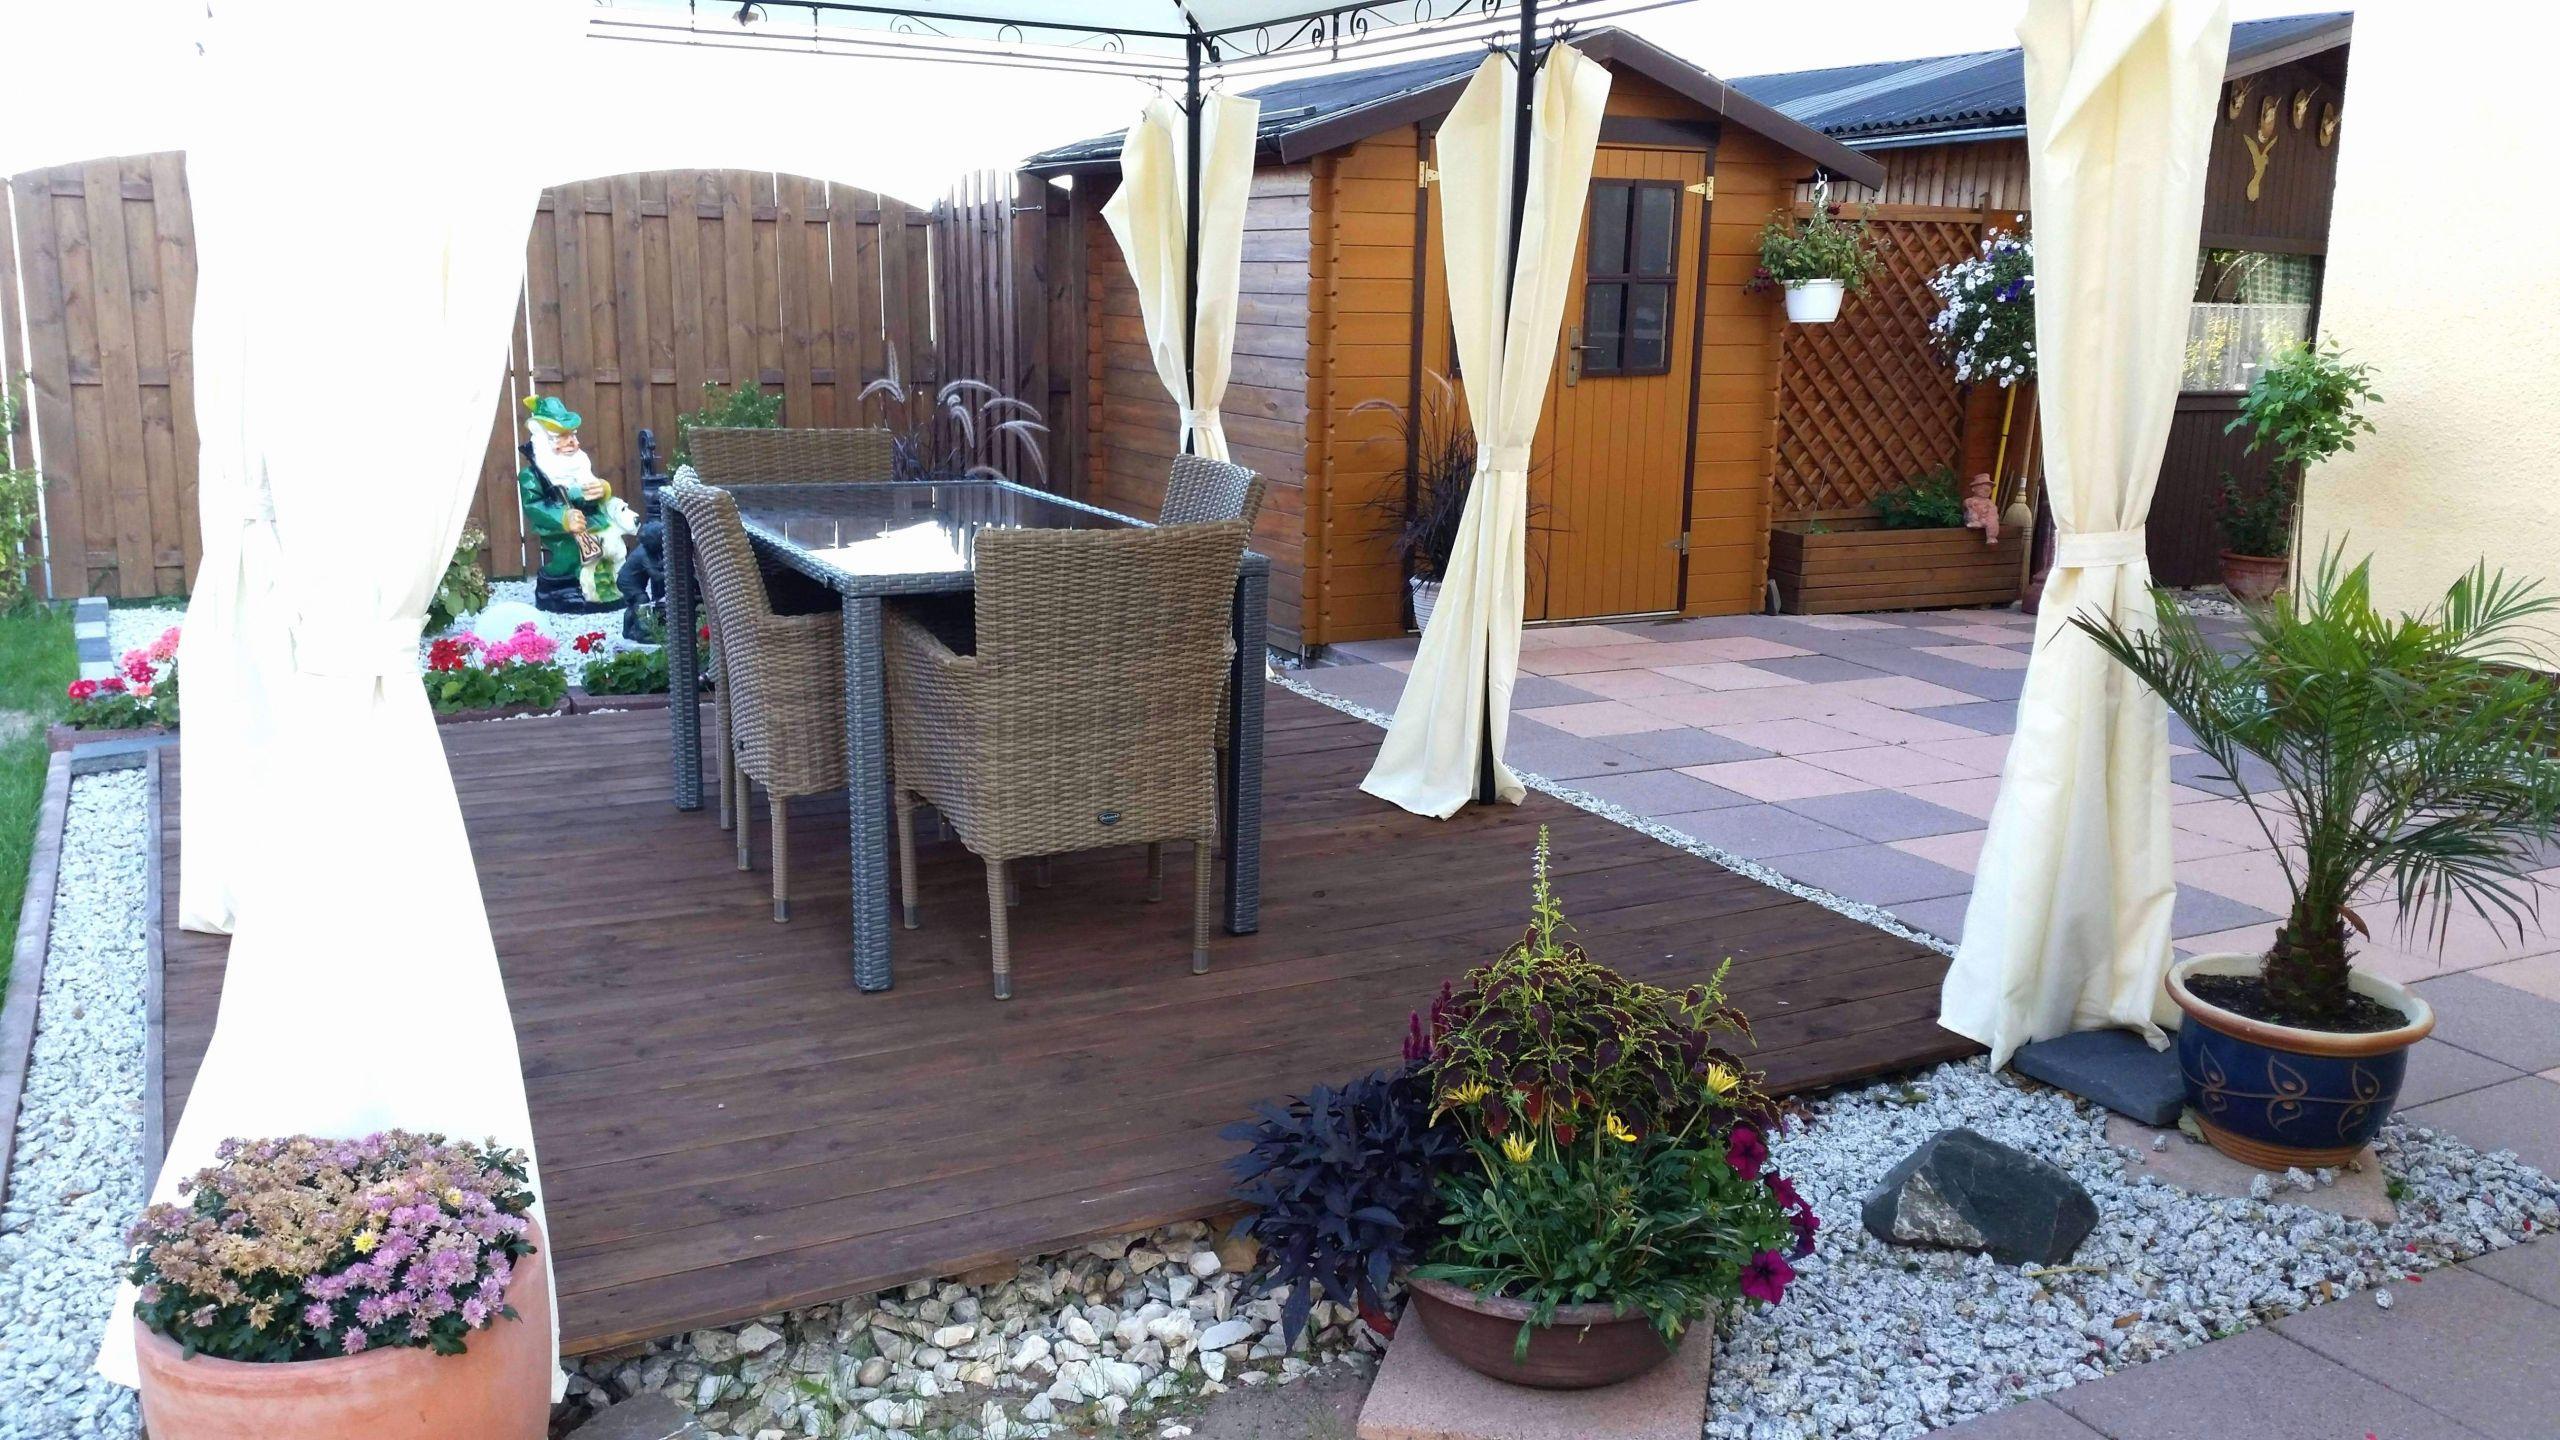 garten pflastern ideen genial terrasse pflastern ideen of garten pflastern ideen 1 scaled